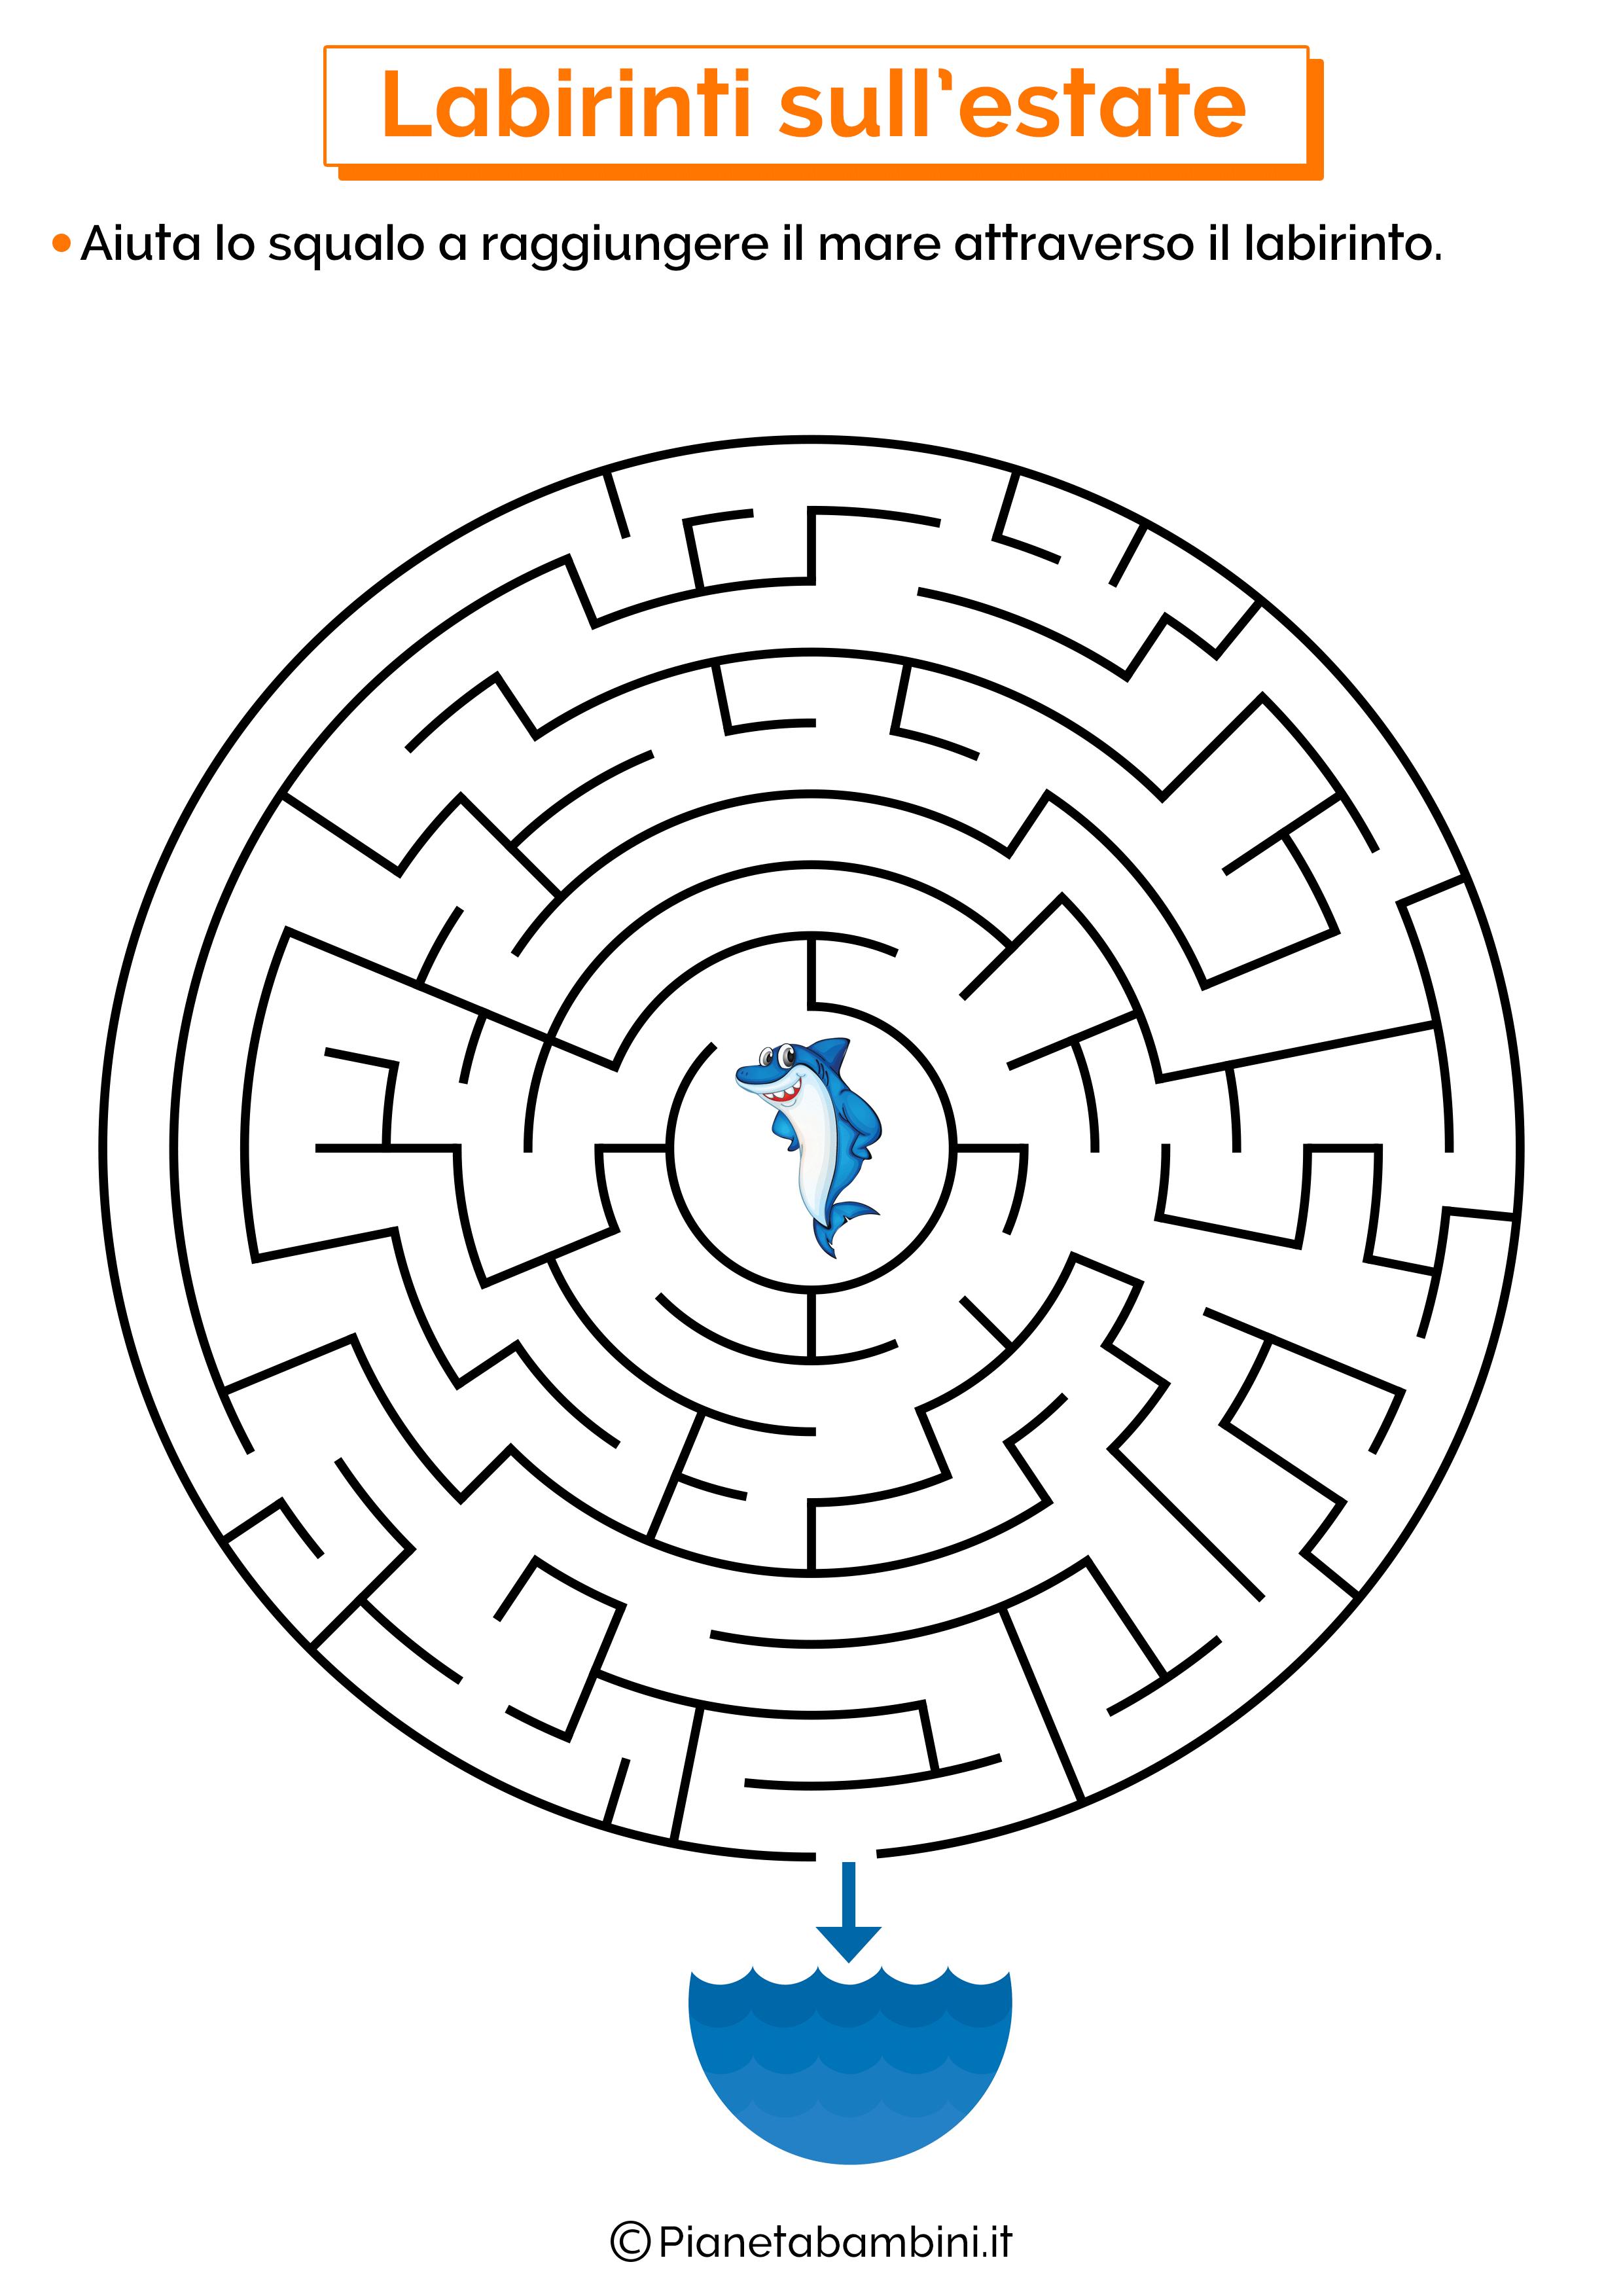 Labirinto sull'estate 10